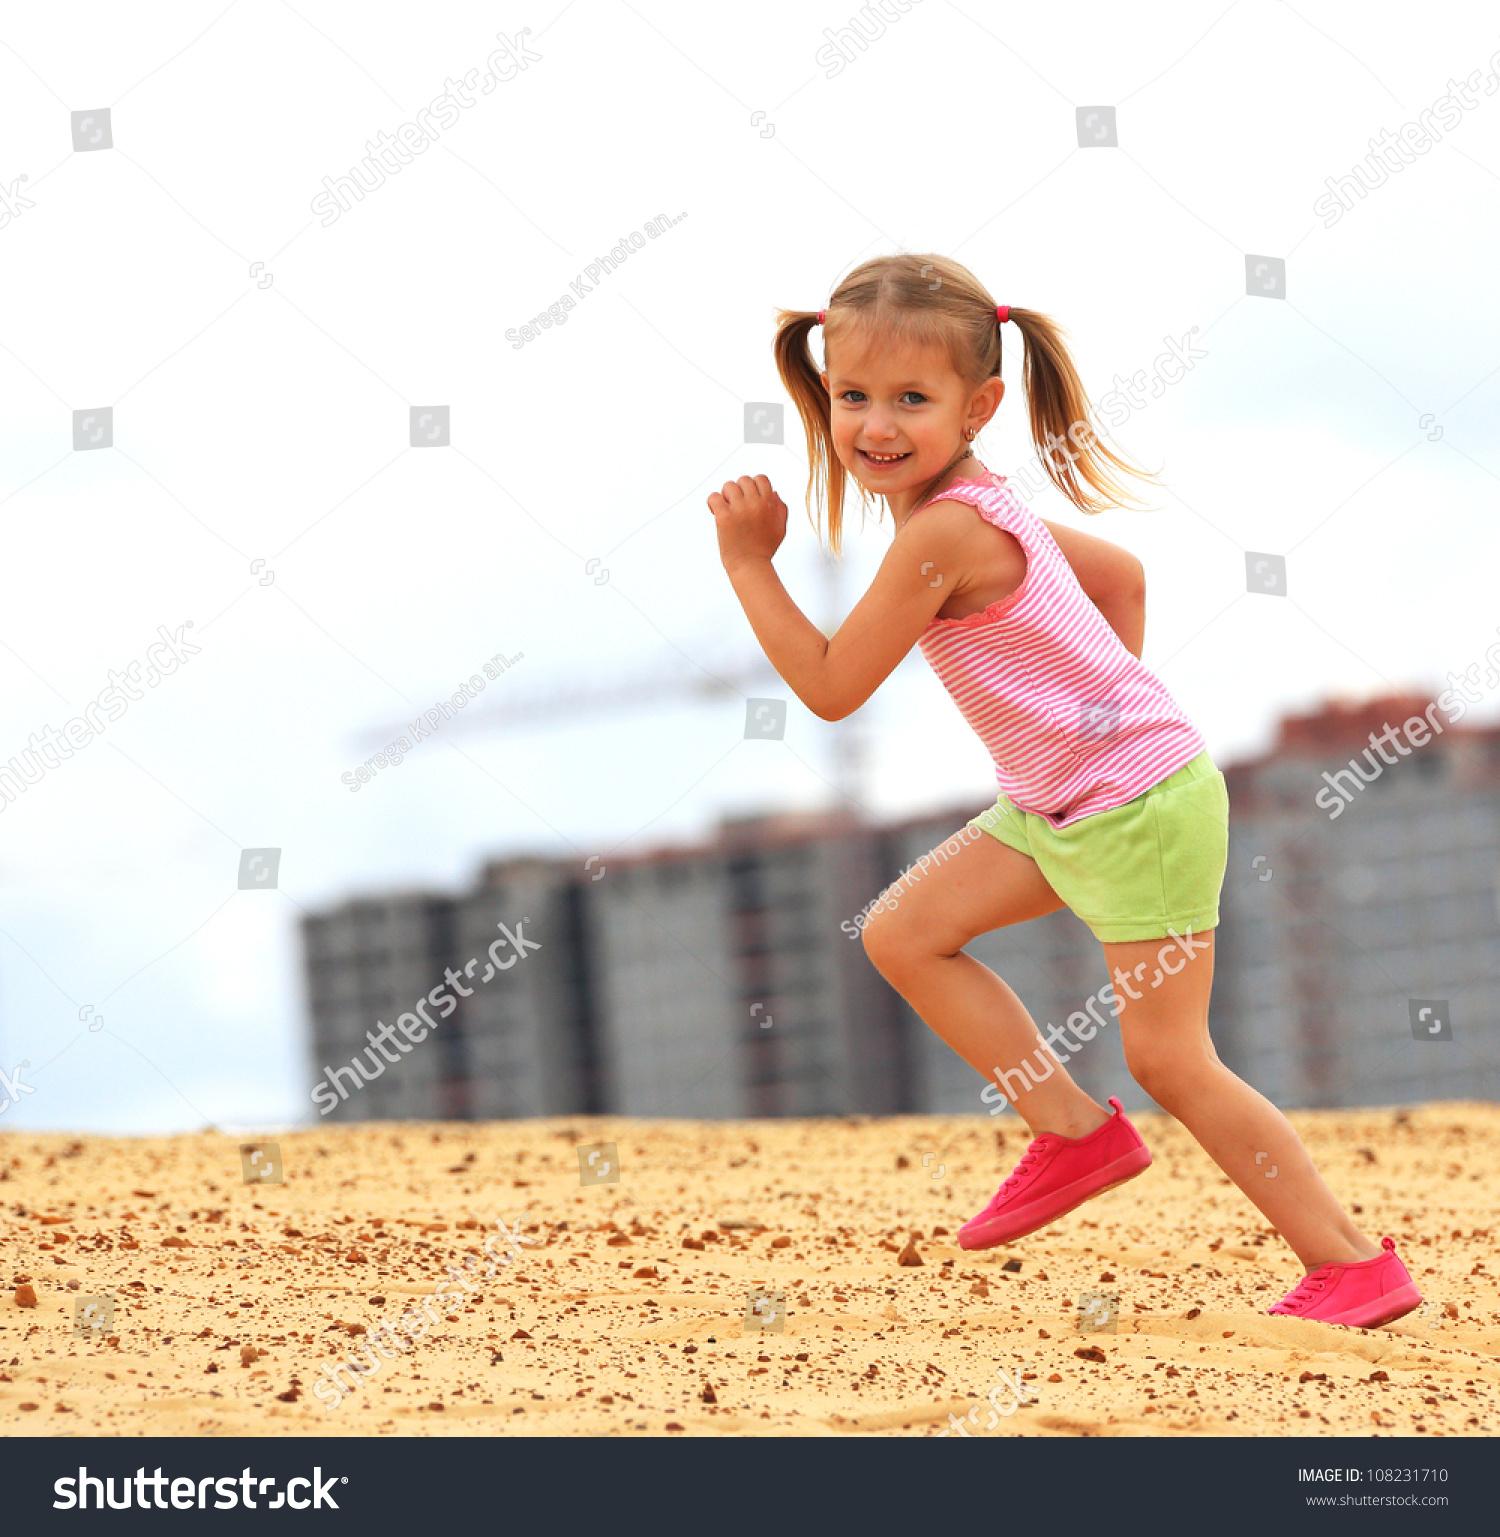 Funny Running Pictures Little Girl Little Girl Running Sa...